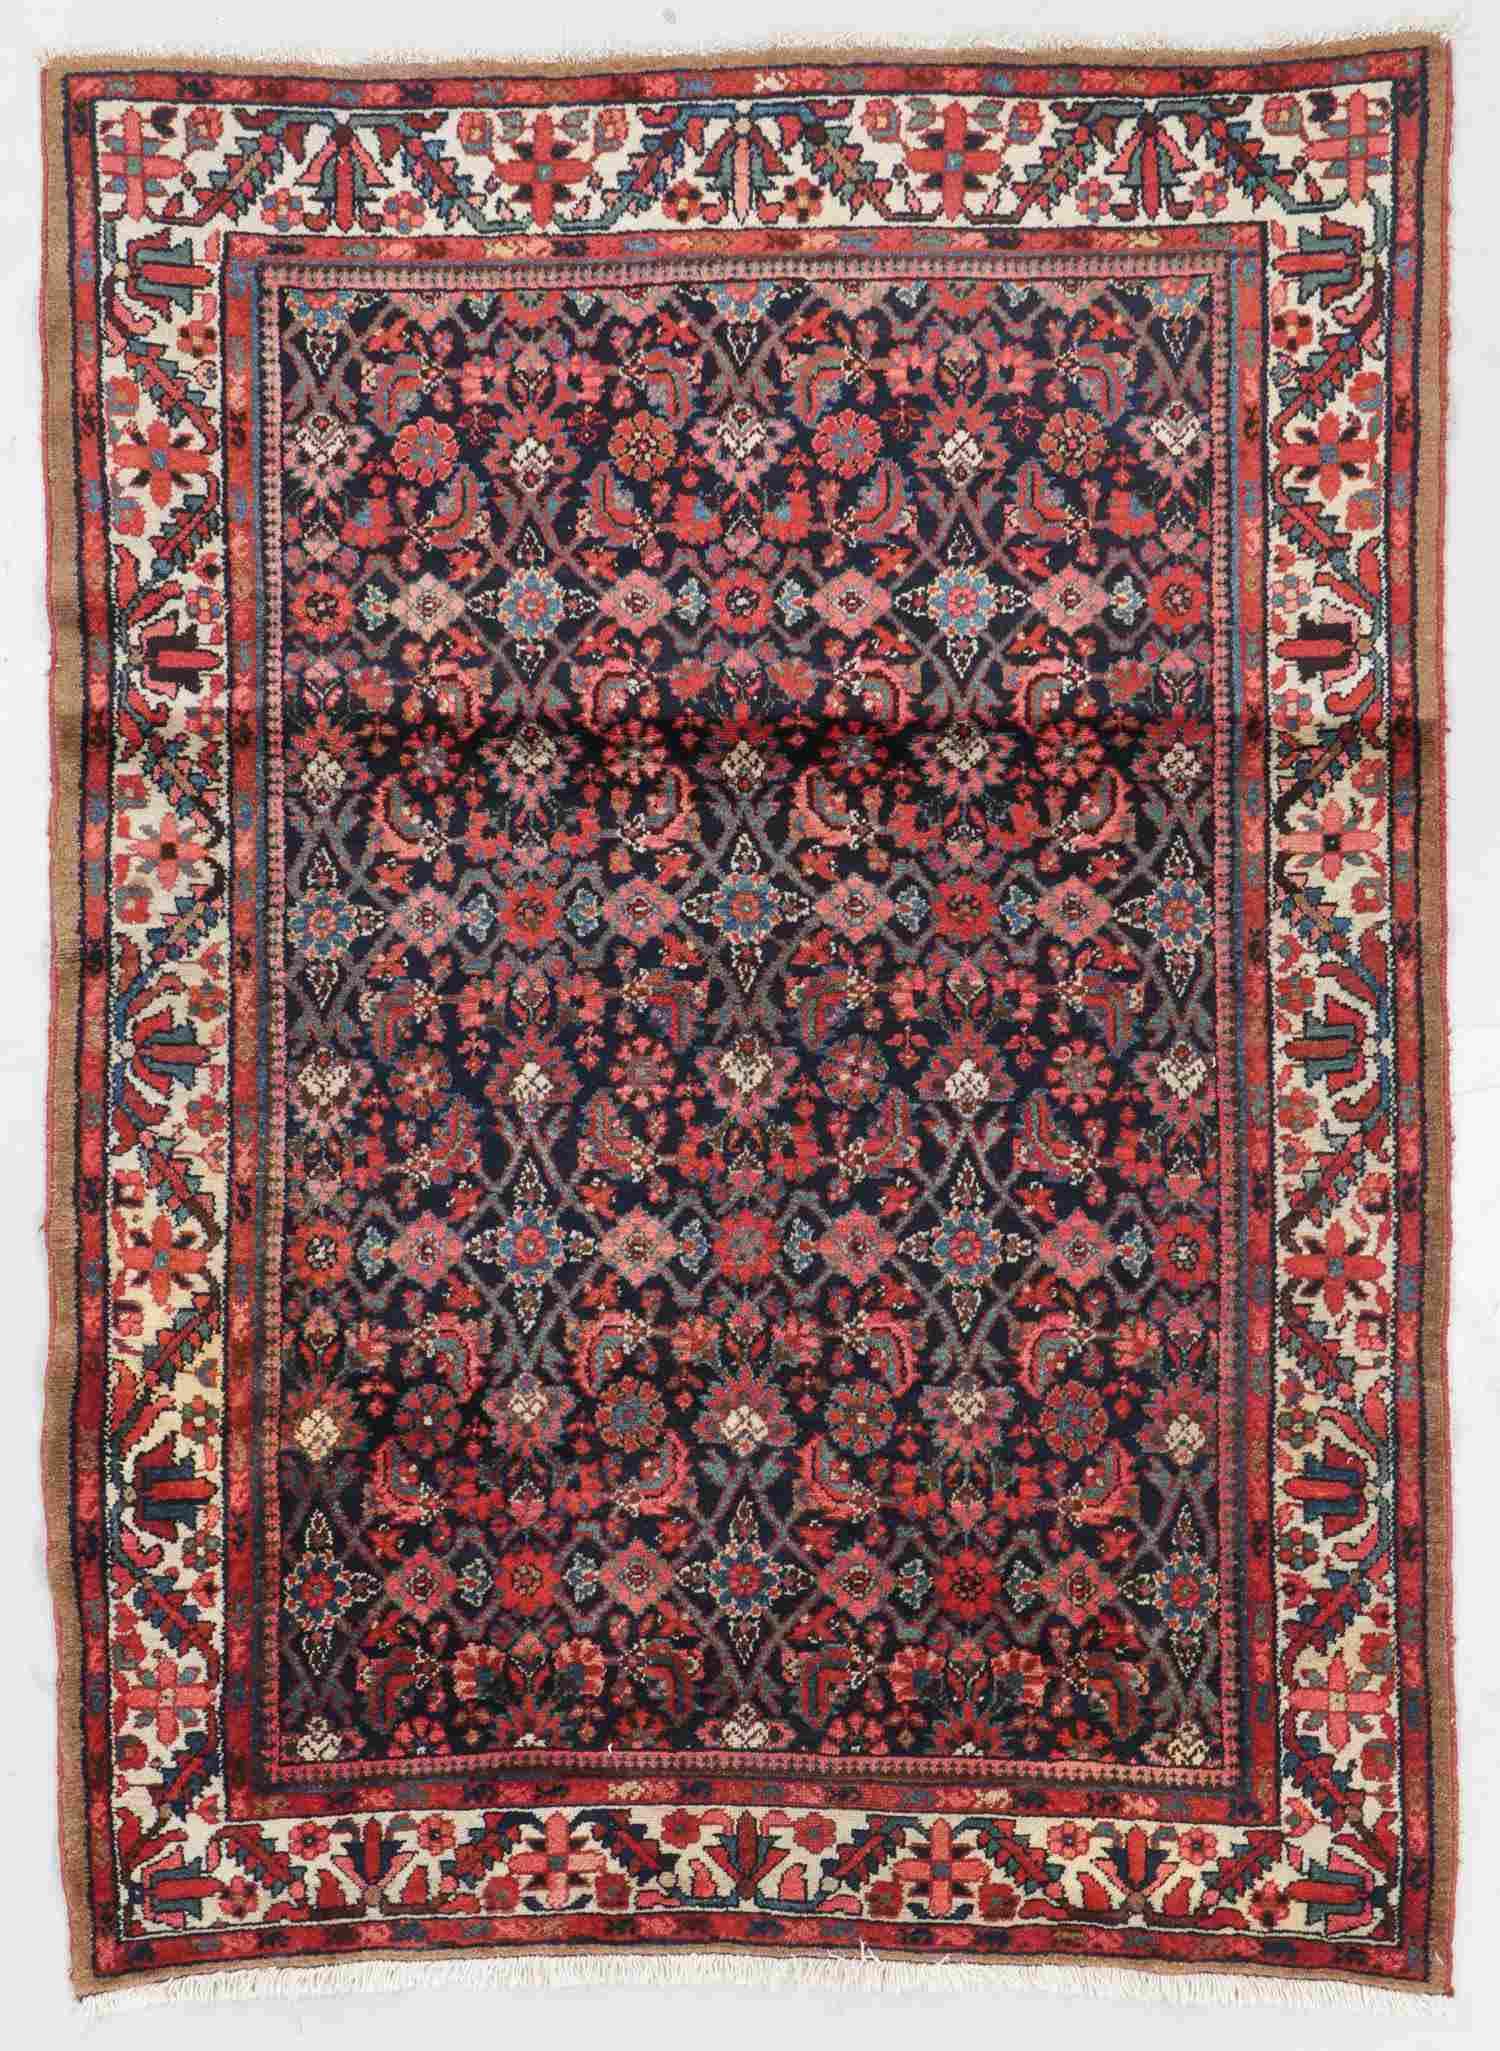 Semi-Antique Malayer Rug, Persia: 4'10'' x 6'6''